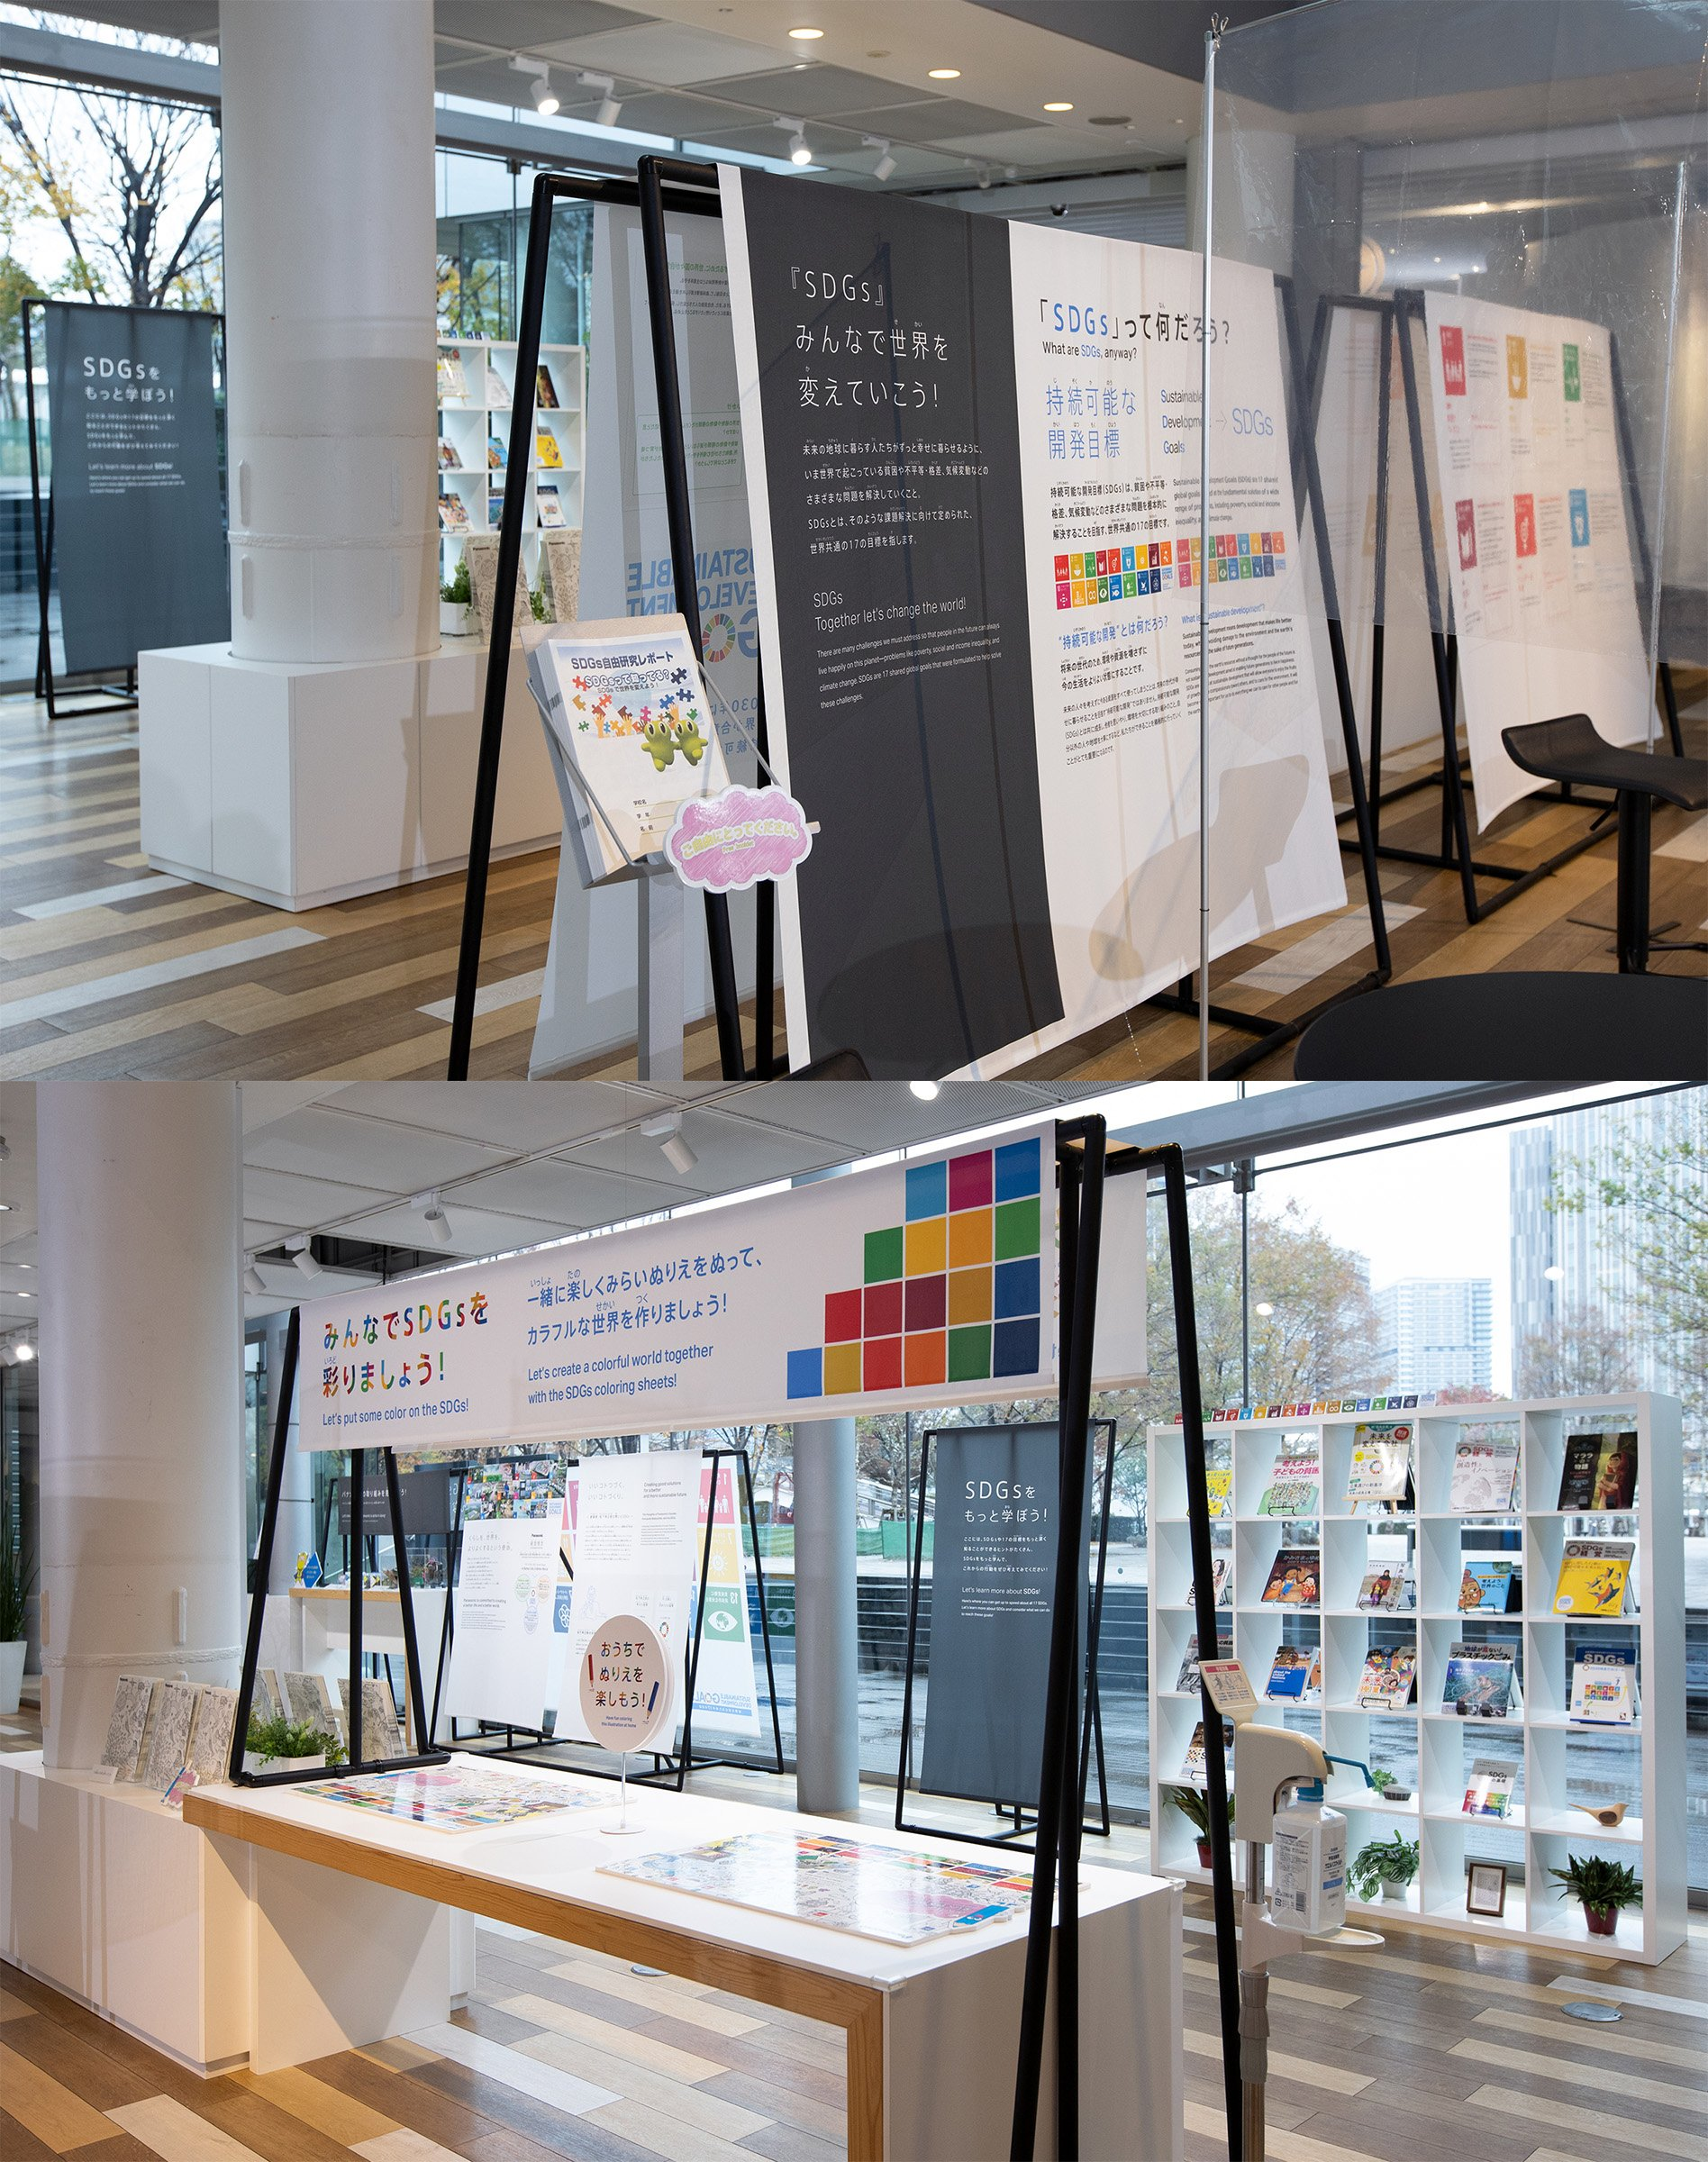 Photo: The SDG corner at the Panasonic Center Tokyo.